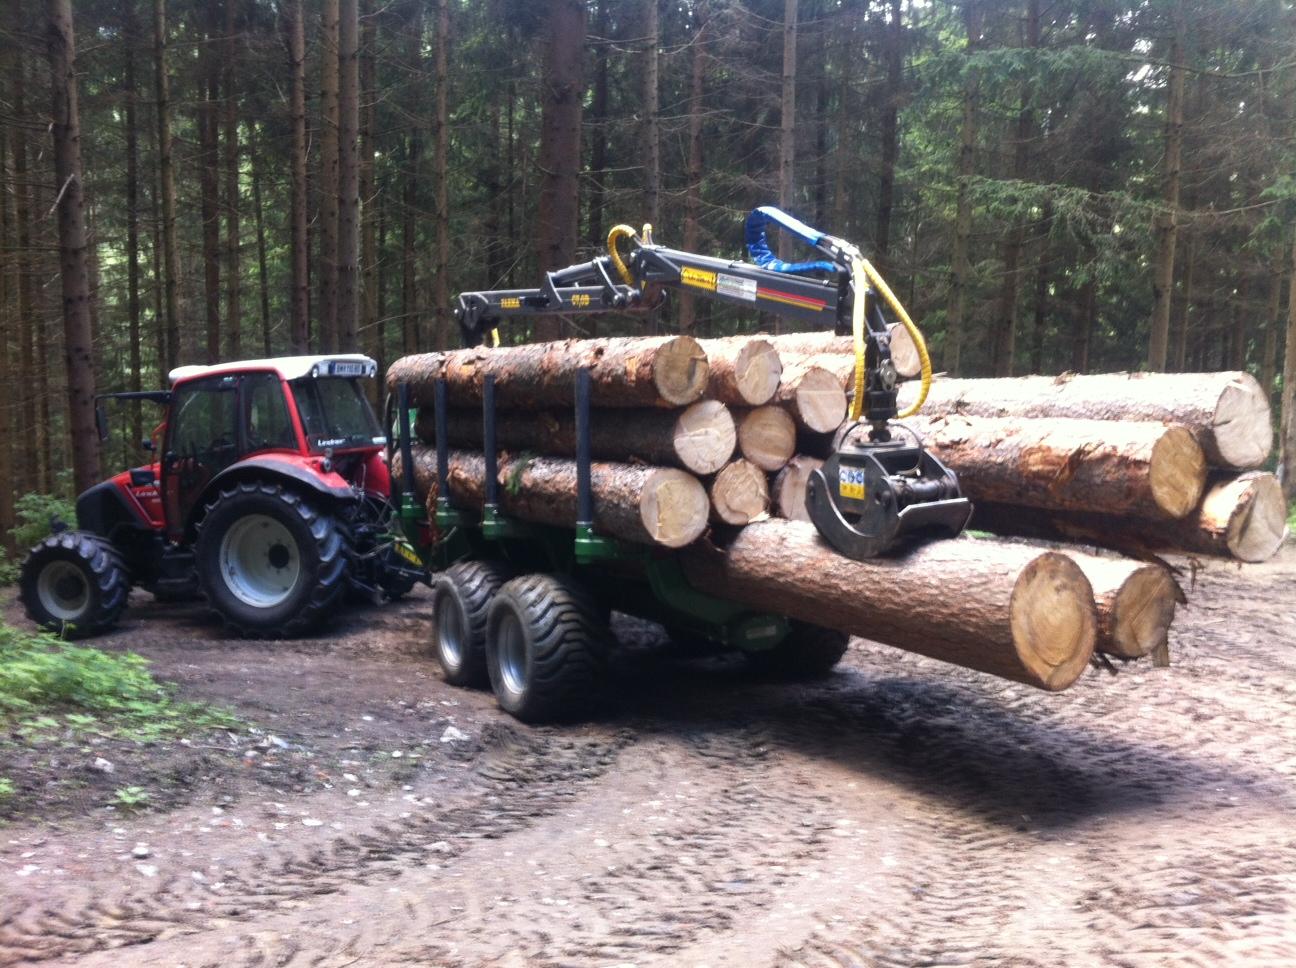 CT 7,0-10G2 mit einer Bauholzfuhre . Danke für die Profi Aufnahme